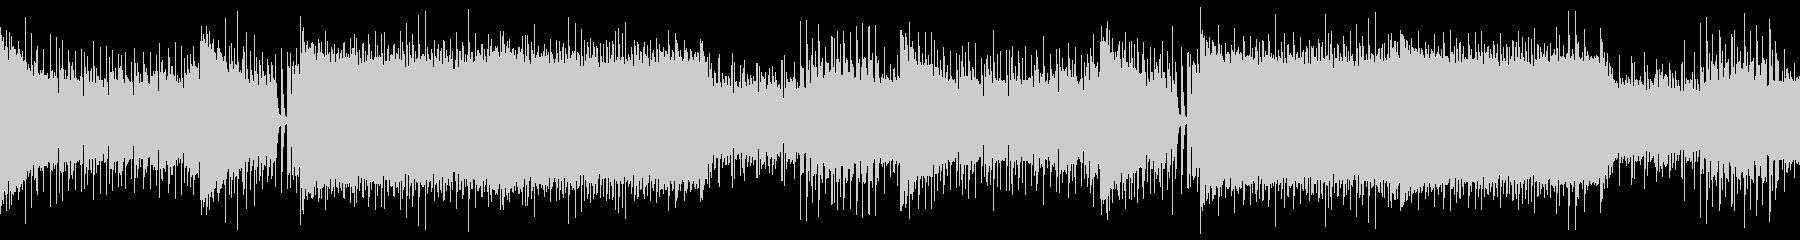 【ループ版】EDM アグレッシブ…の未再生の波形